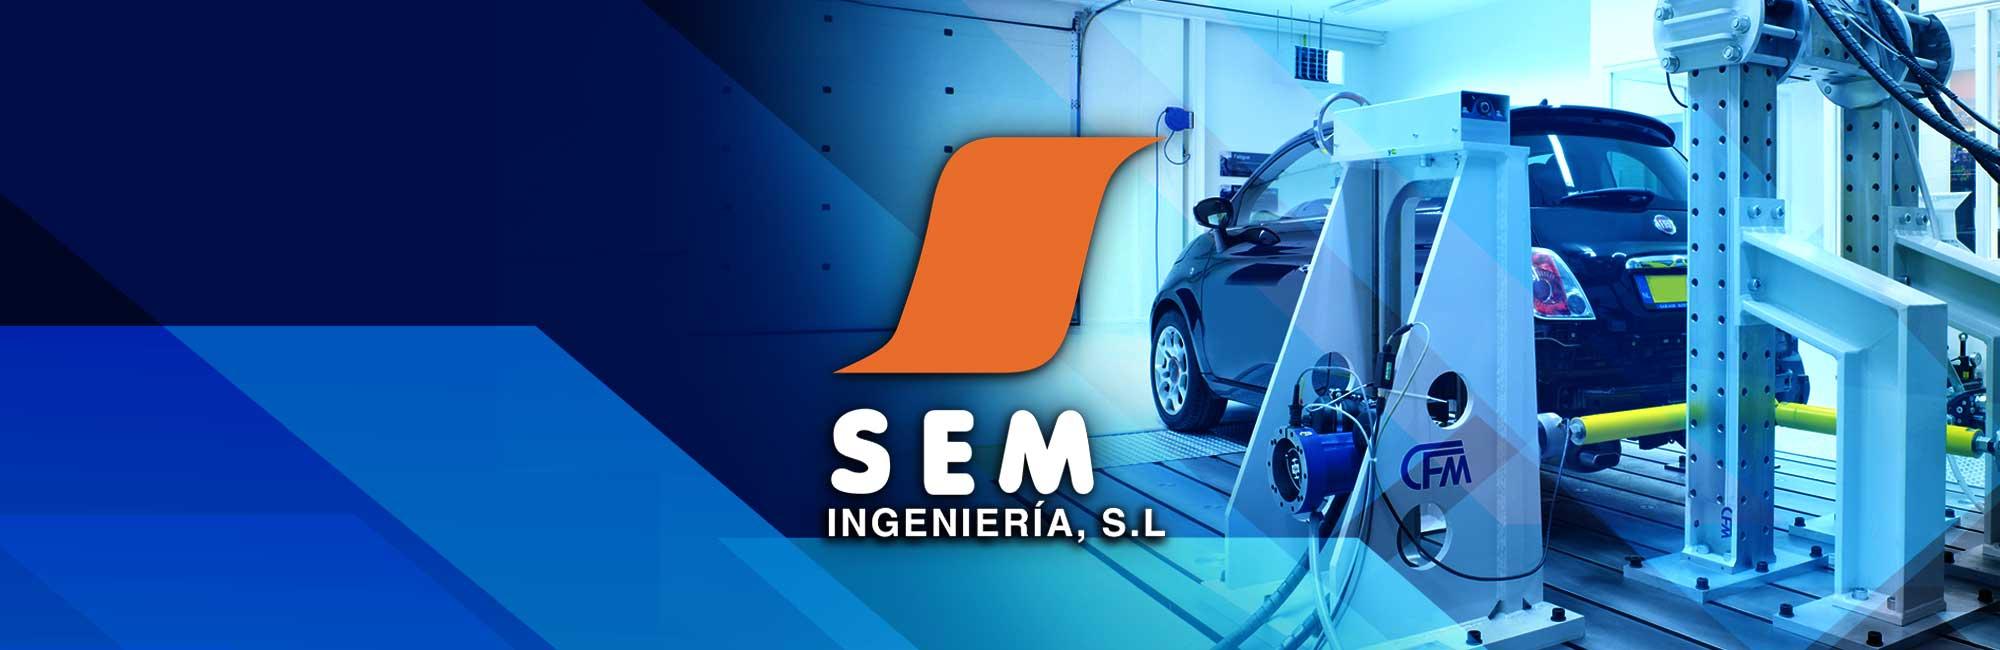 SEM INGENIERÍA, SL Soluciones de ensayo de materiales02